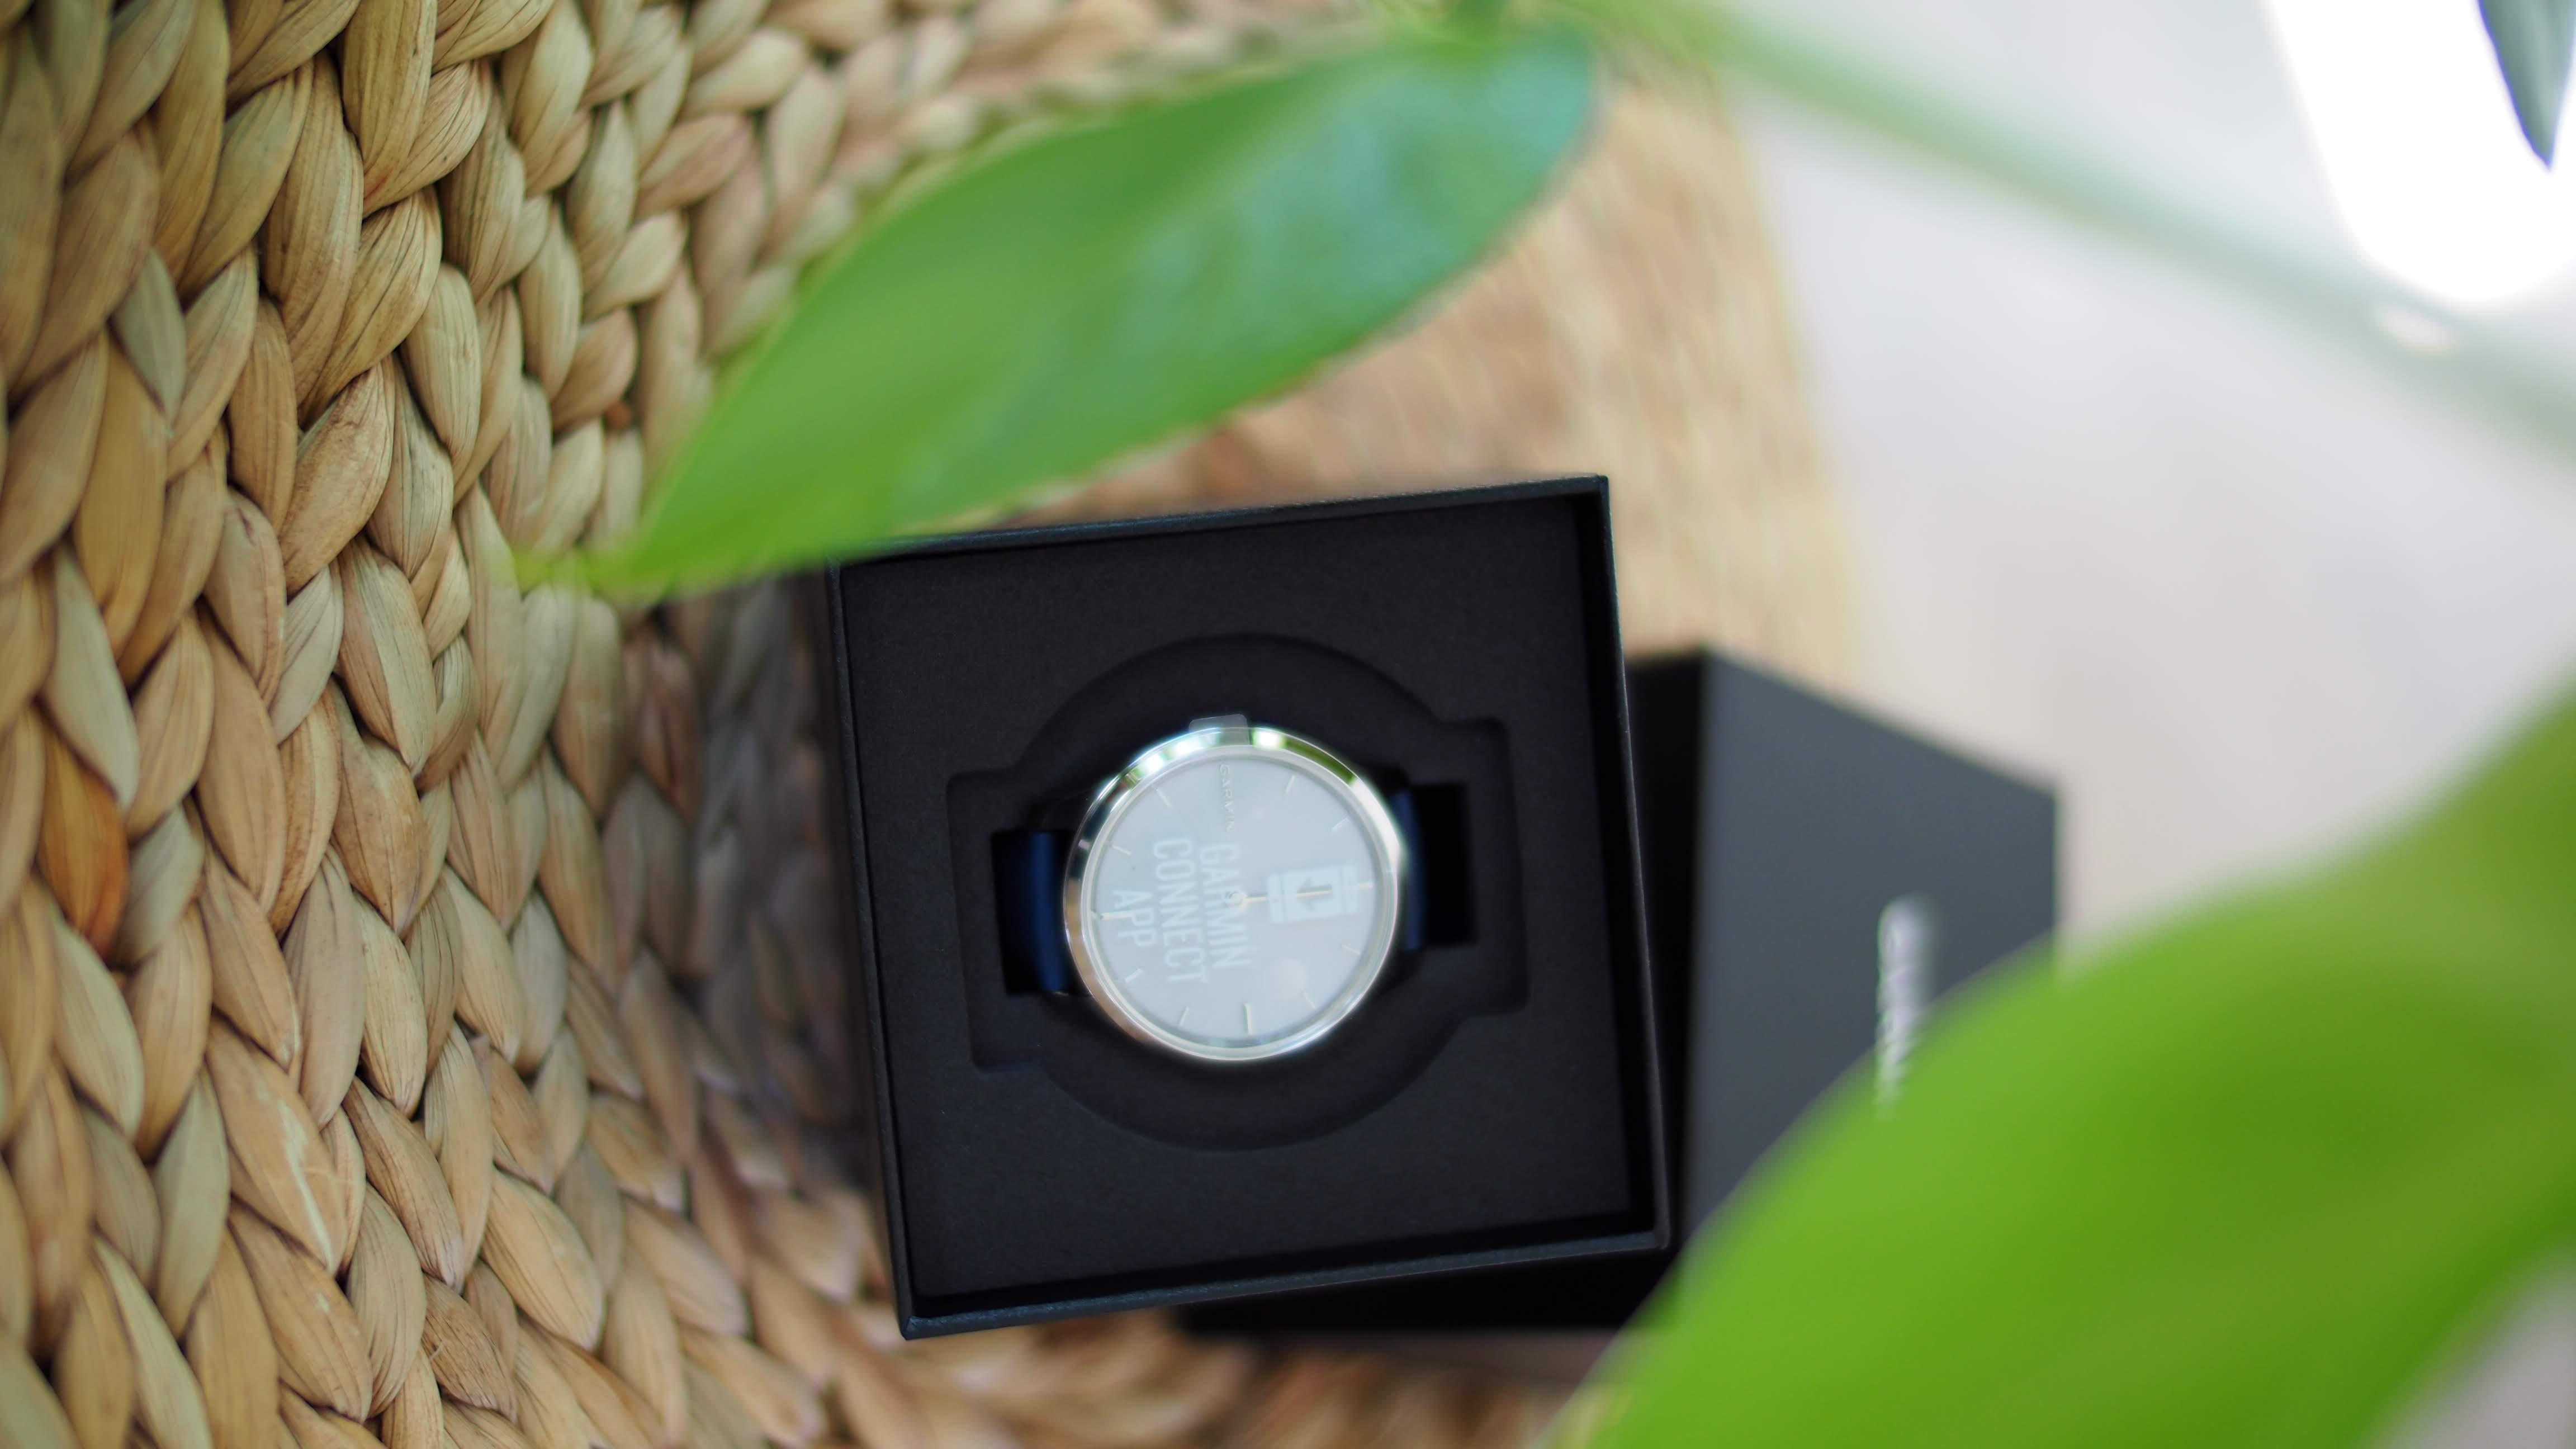 vívomove Luxe Smartwatch in der Lieferbox